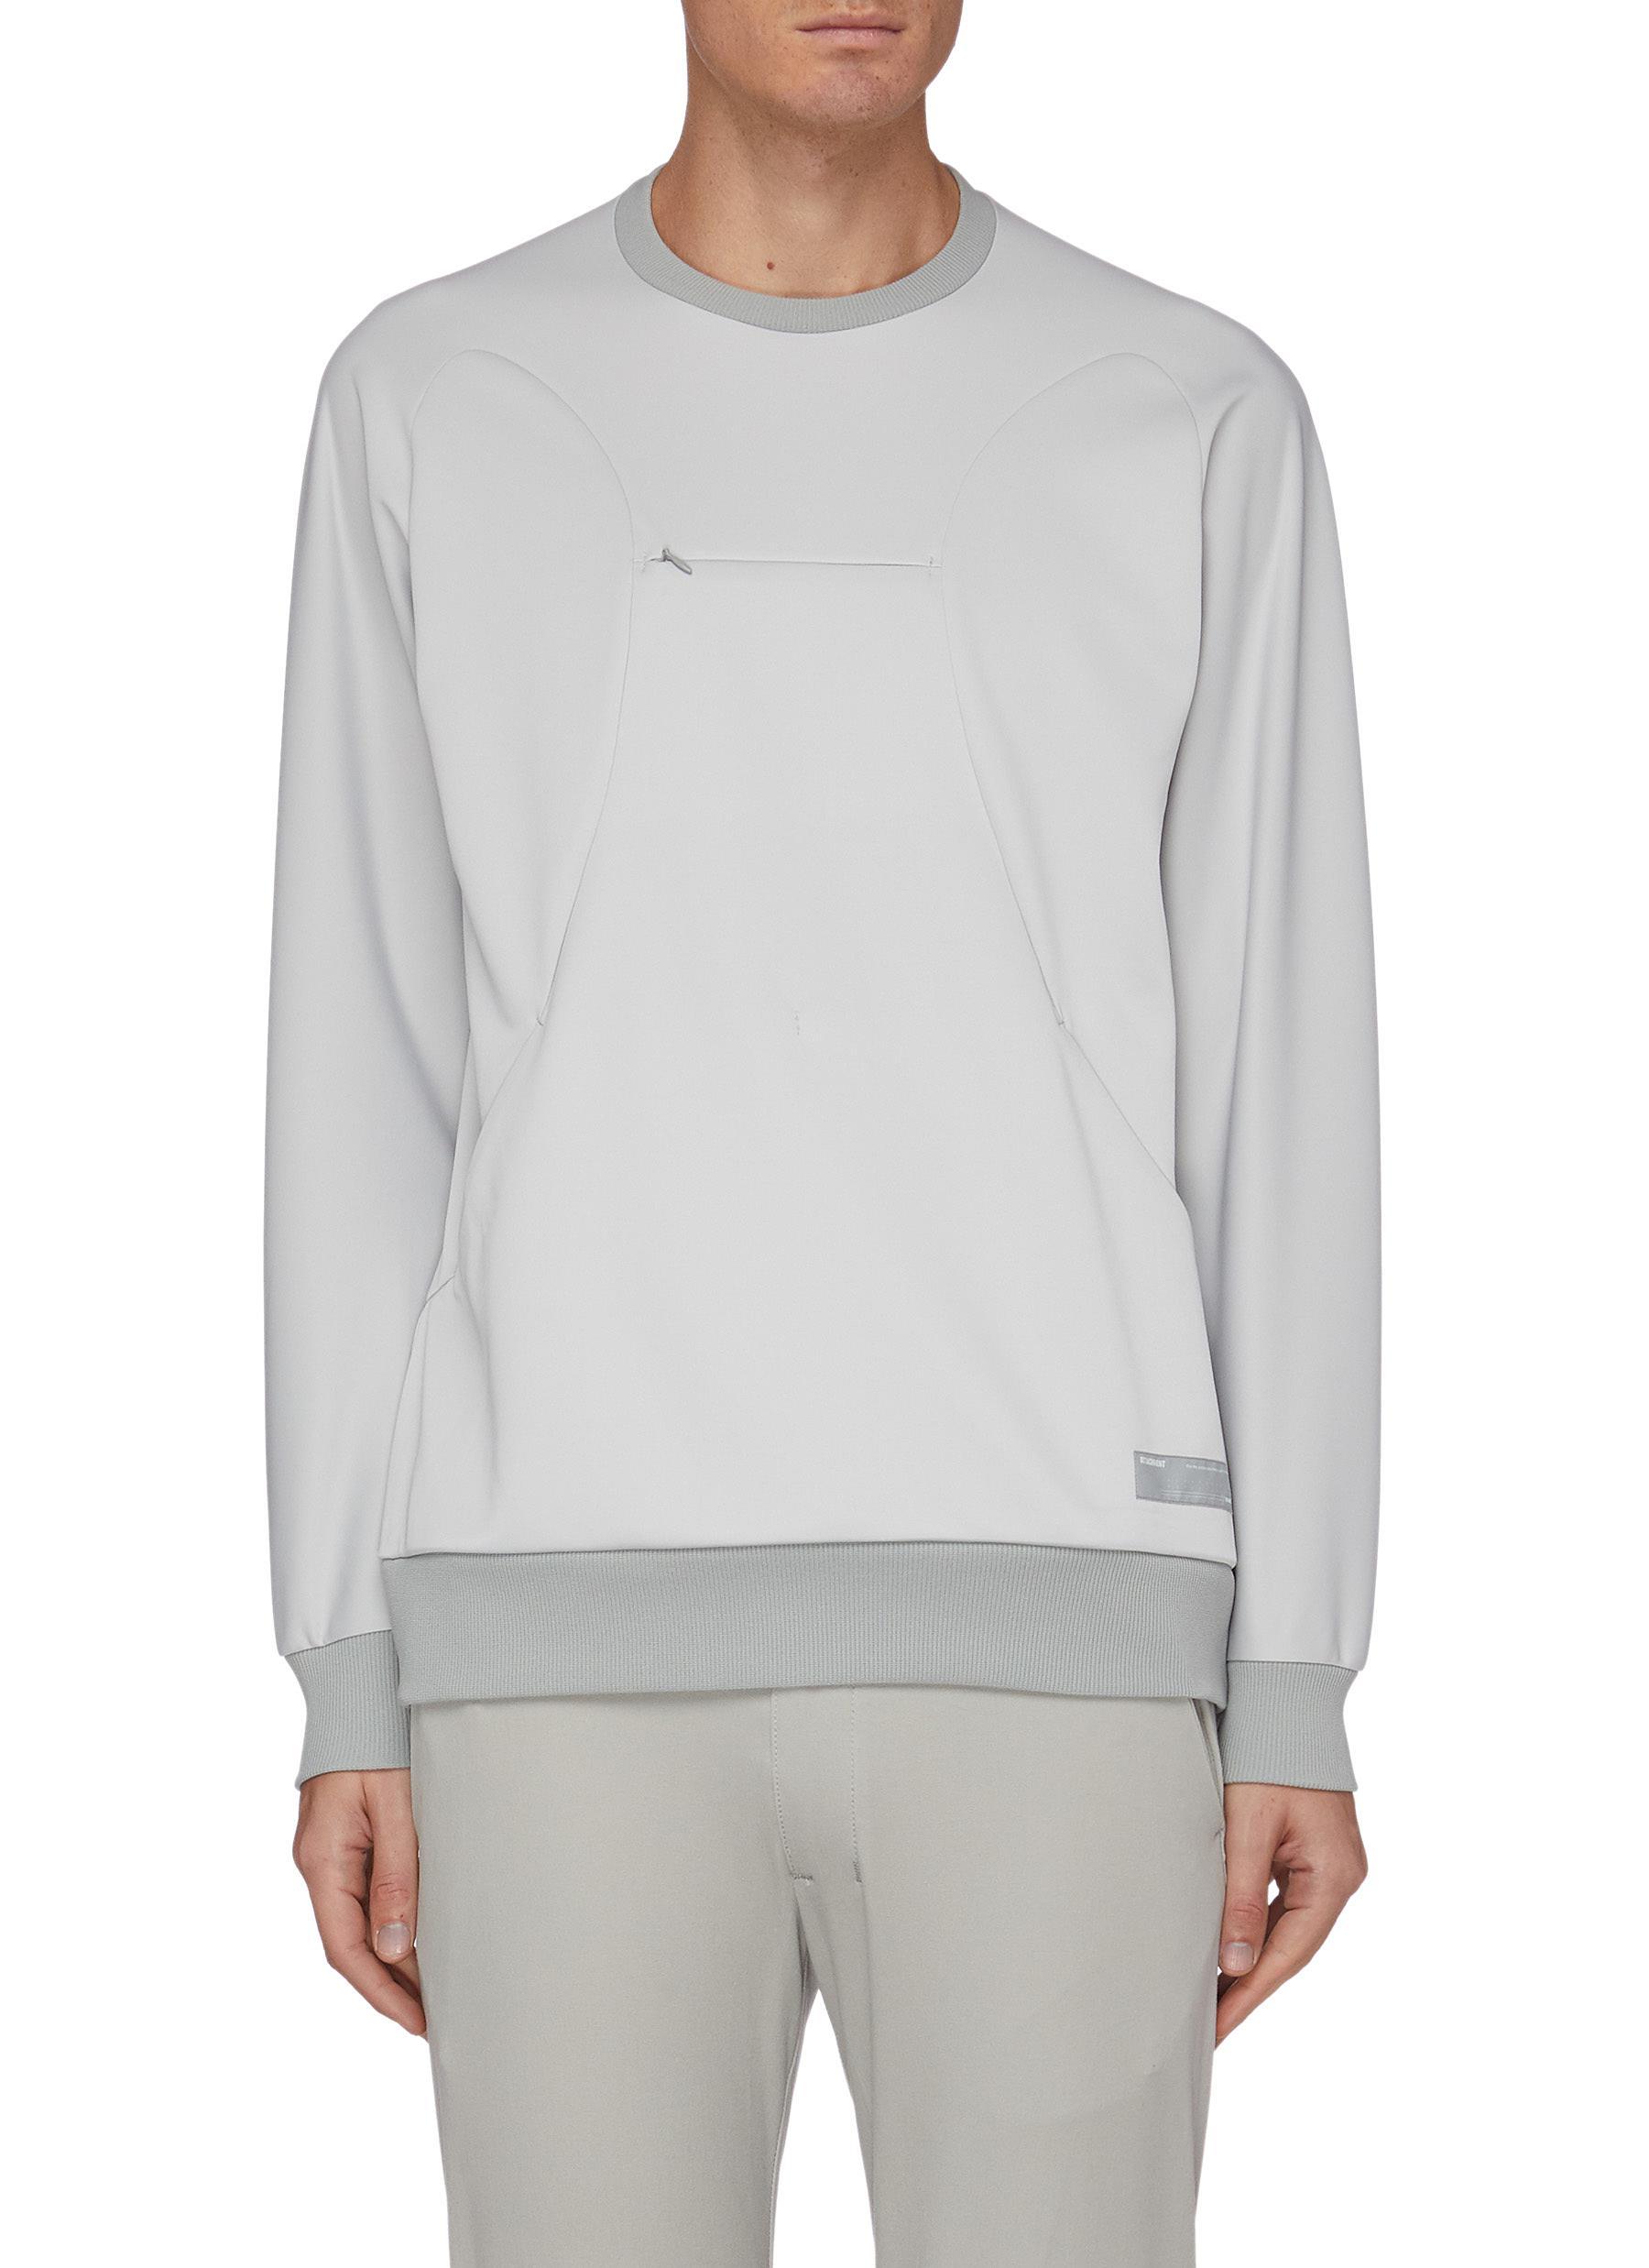 Attachment Zip Chest Sweatshirt In Grey